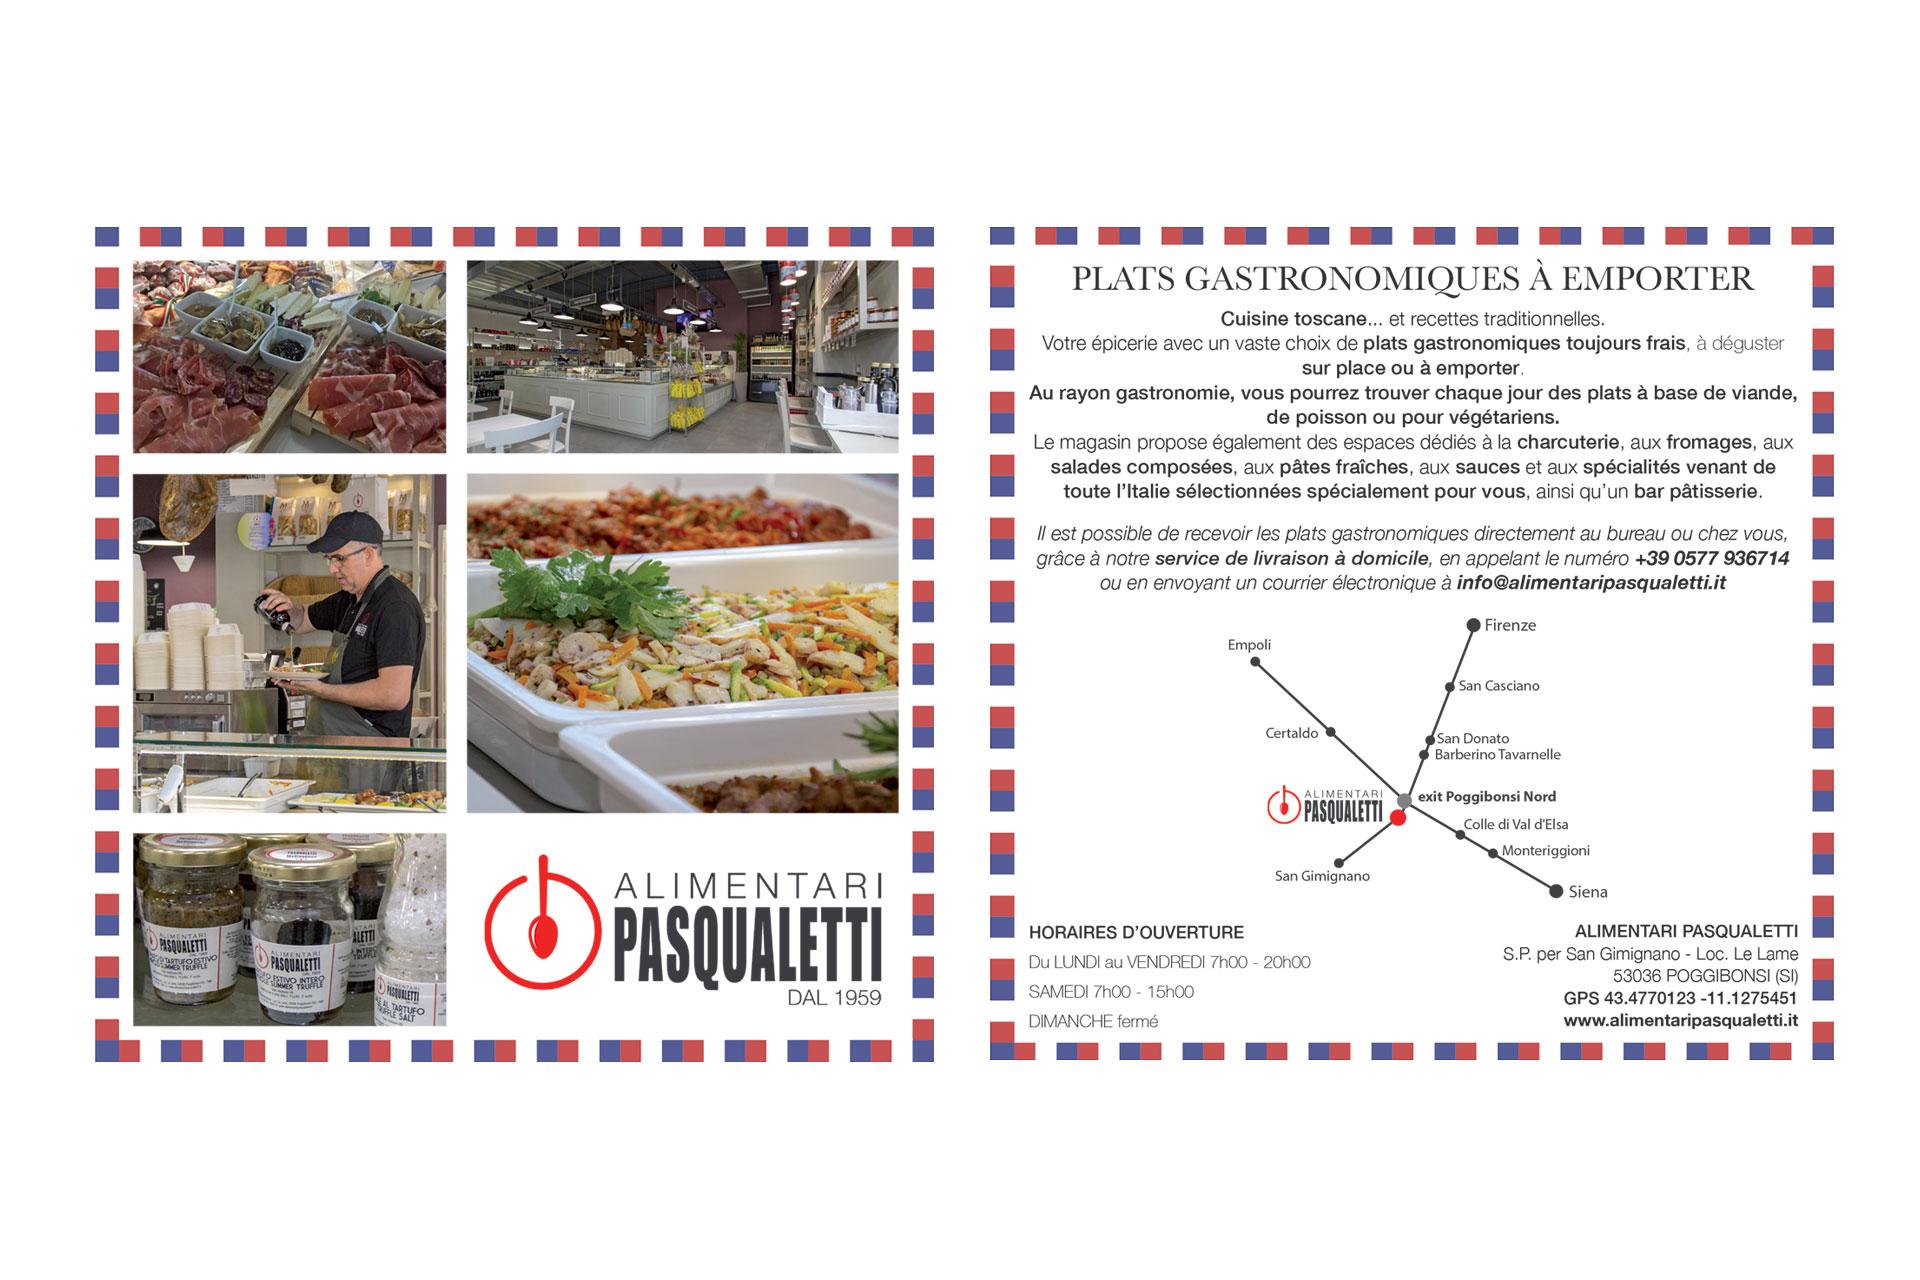 Realizzazione grafica e stampa cartolina Alimentari Pasqualetti